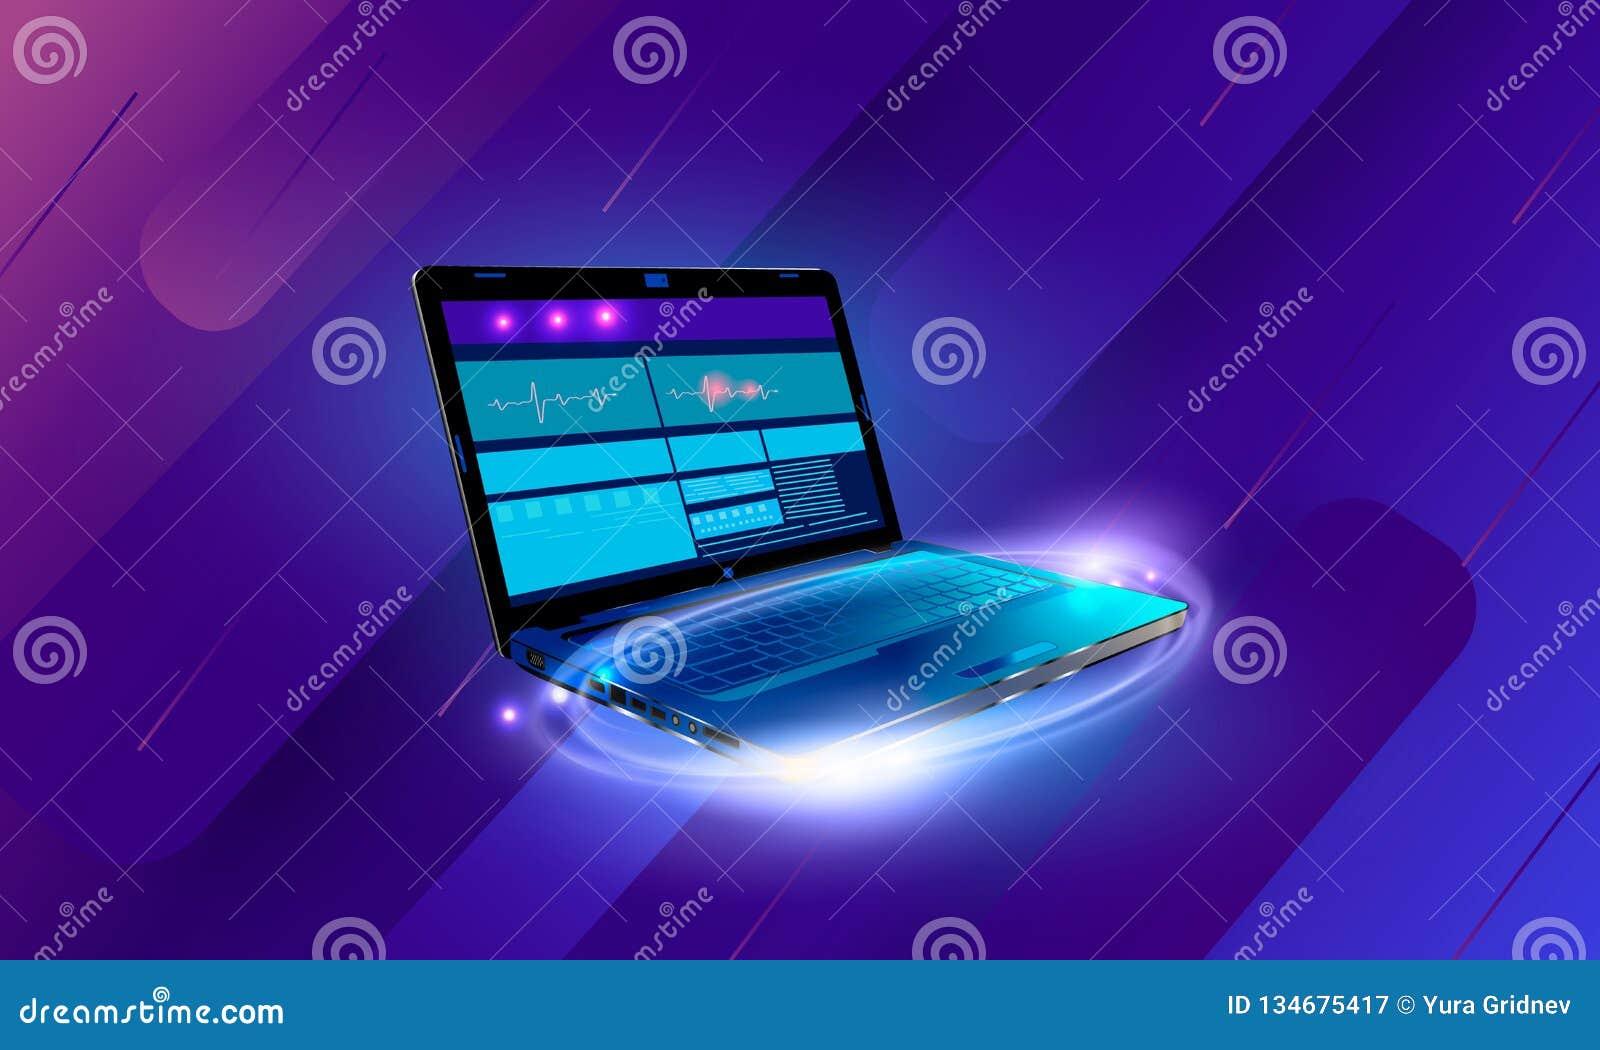 网发展和编制程序 发怒平台发展网站 能适应的布局网页或网接口在屏幕上